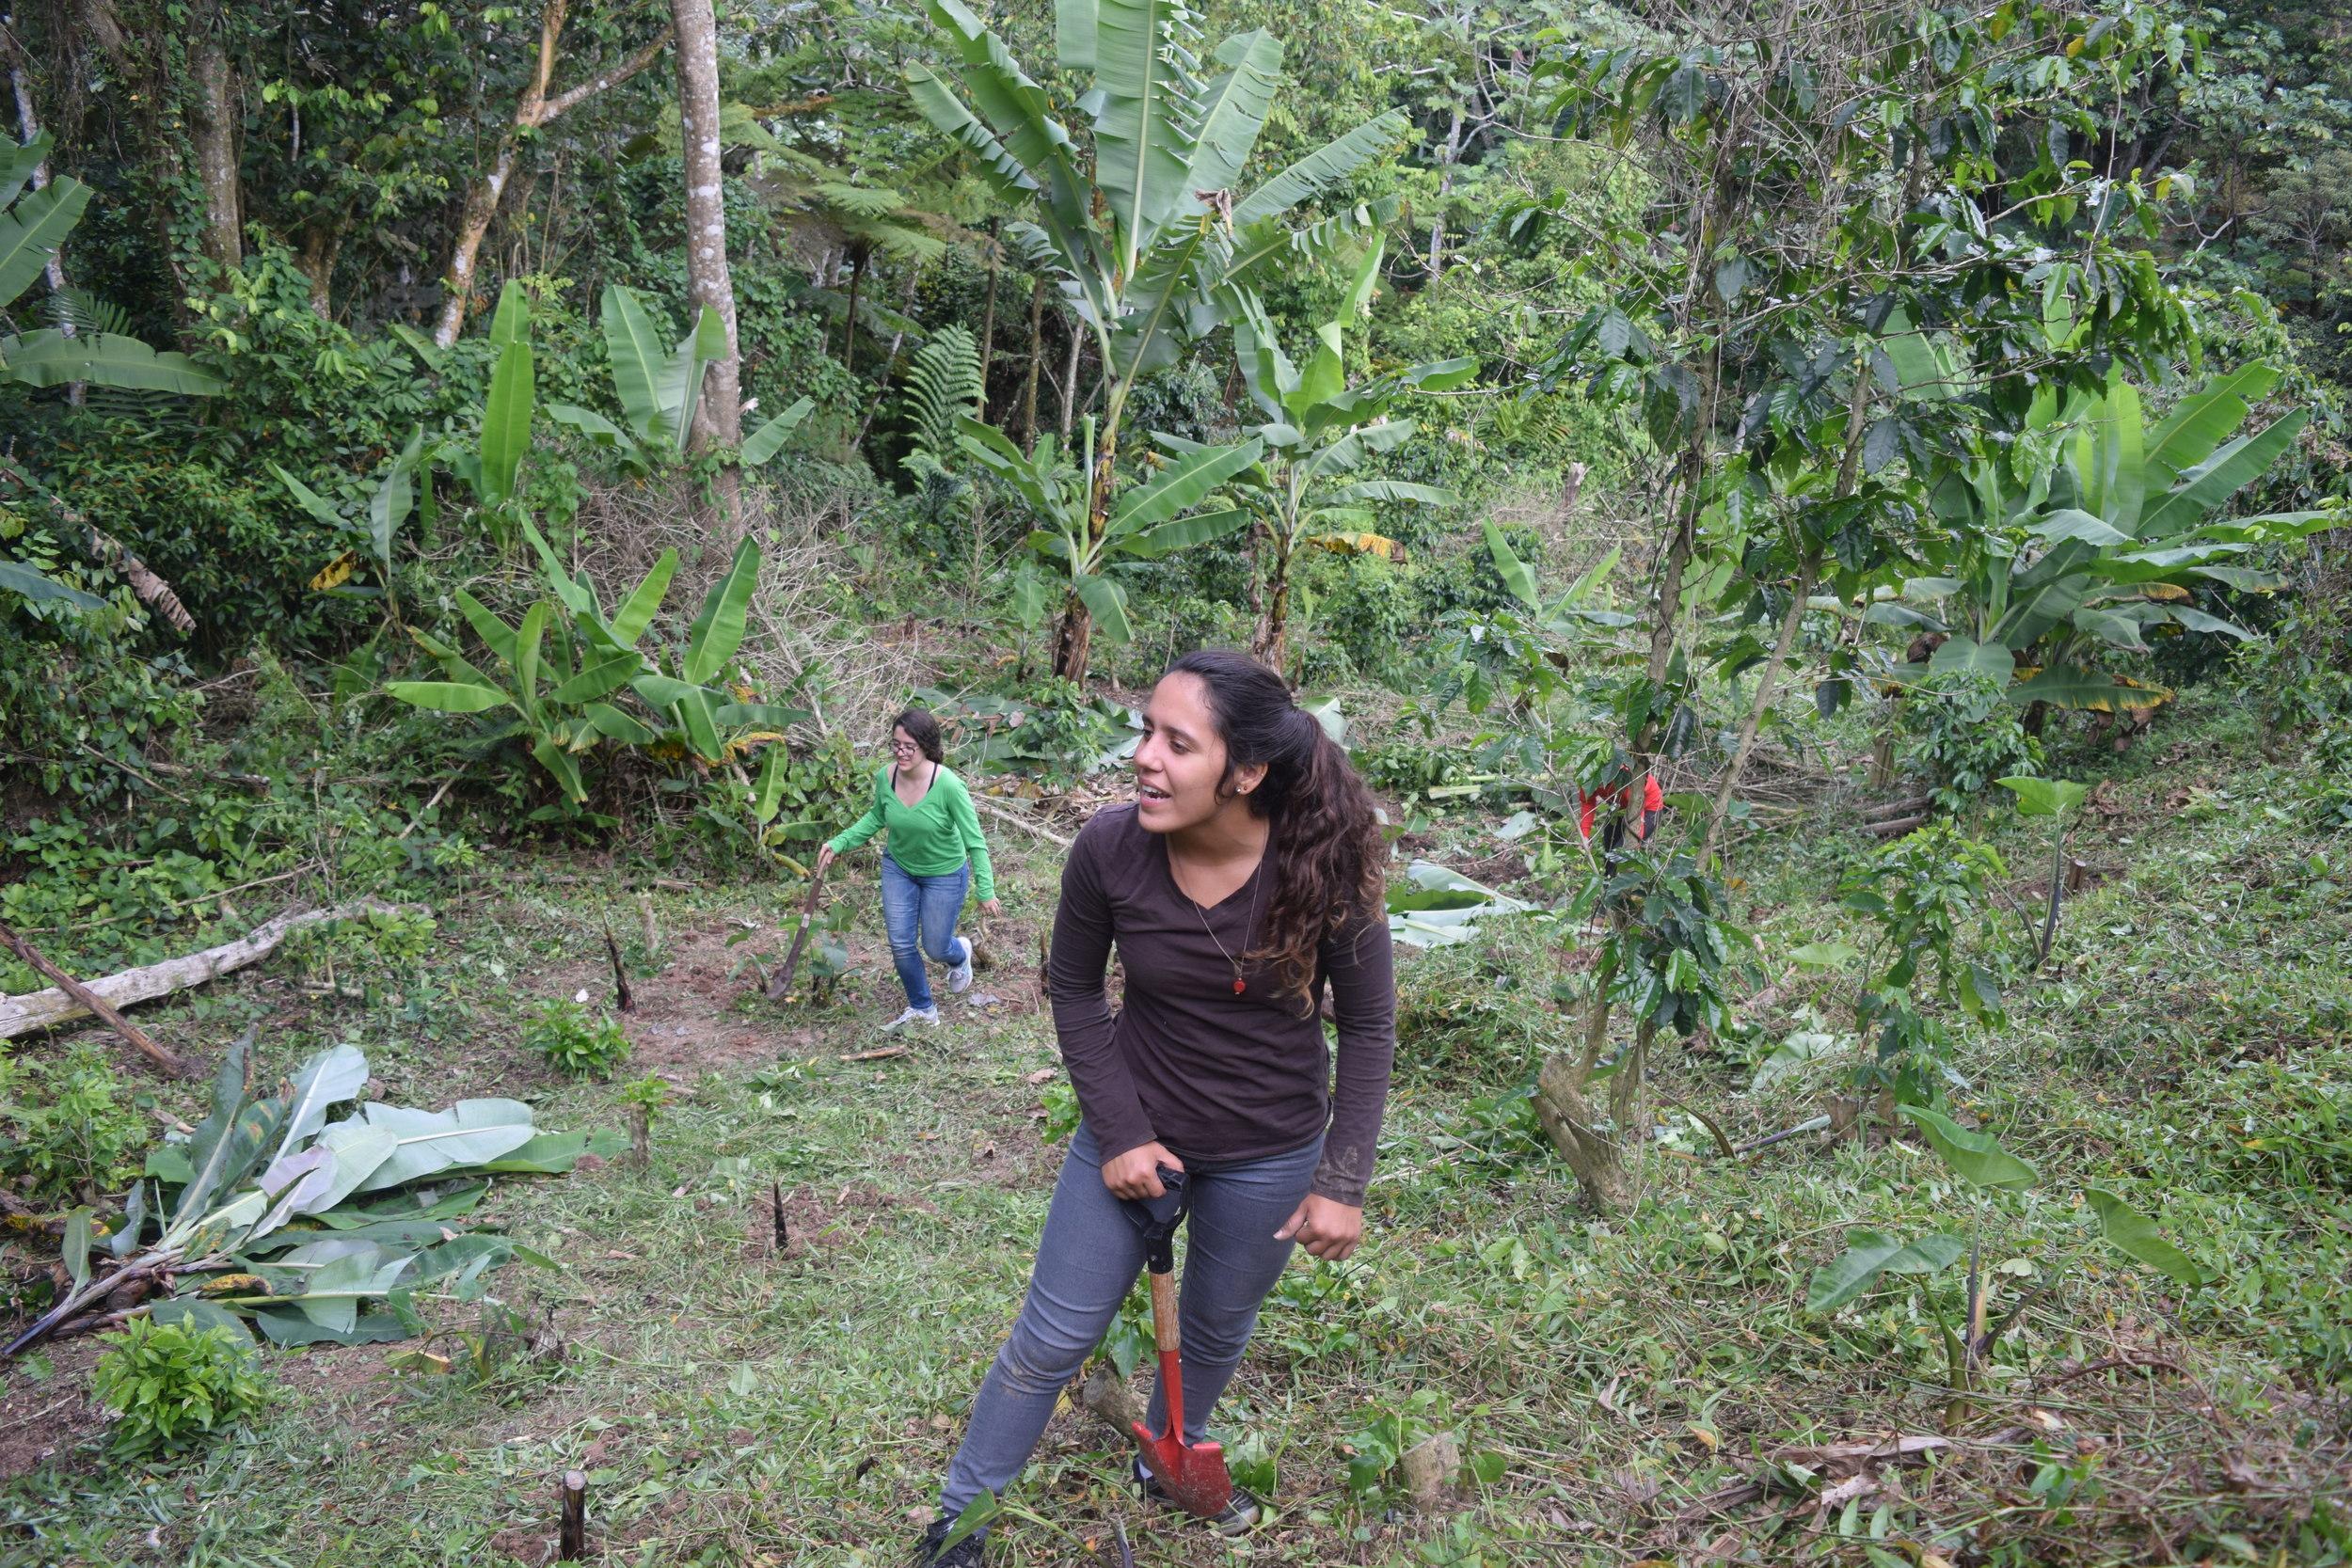 Al otro día,nos pusimos nuestras botas, algunos los zapatos viejos, agarramos machetes, palas, picos y azadas para empezar a trabajar. Comenzamos a mover ramas que habían sido podadas, preparamos bancos de semillas y resembramos matas de plátano y guineo. Foto: Alejandro Rodgz. Rojas